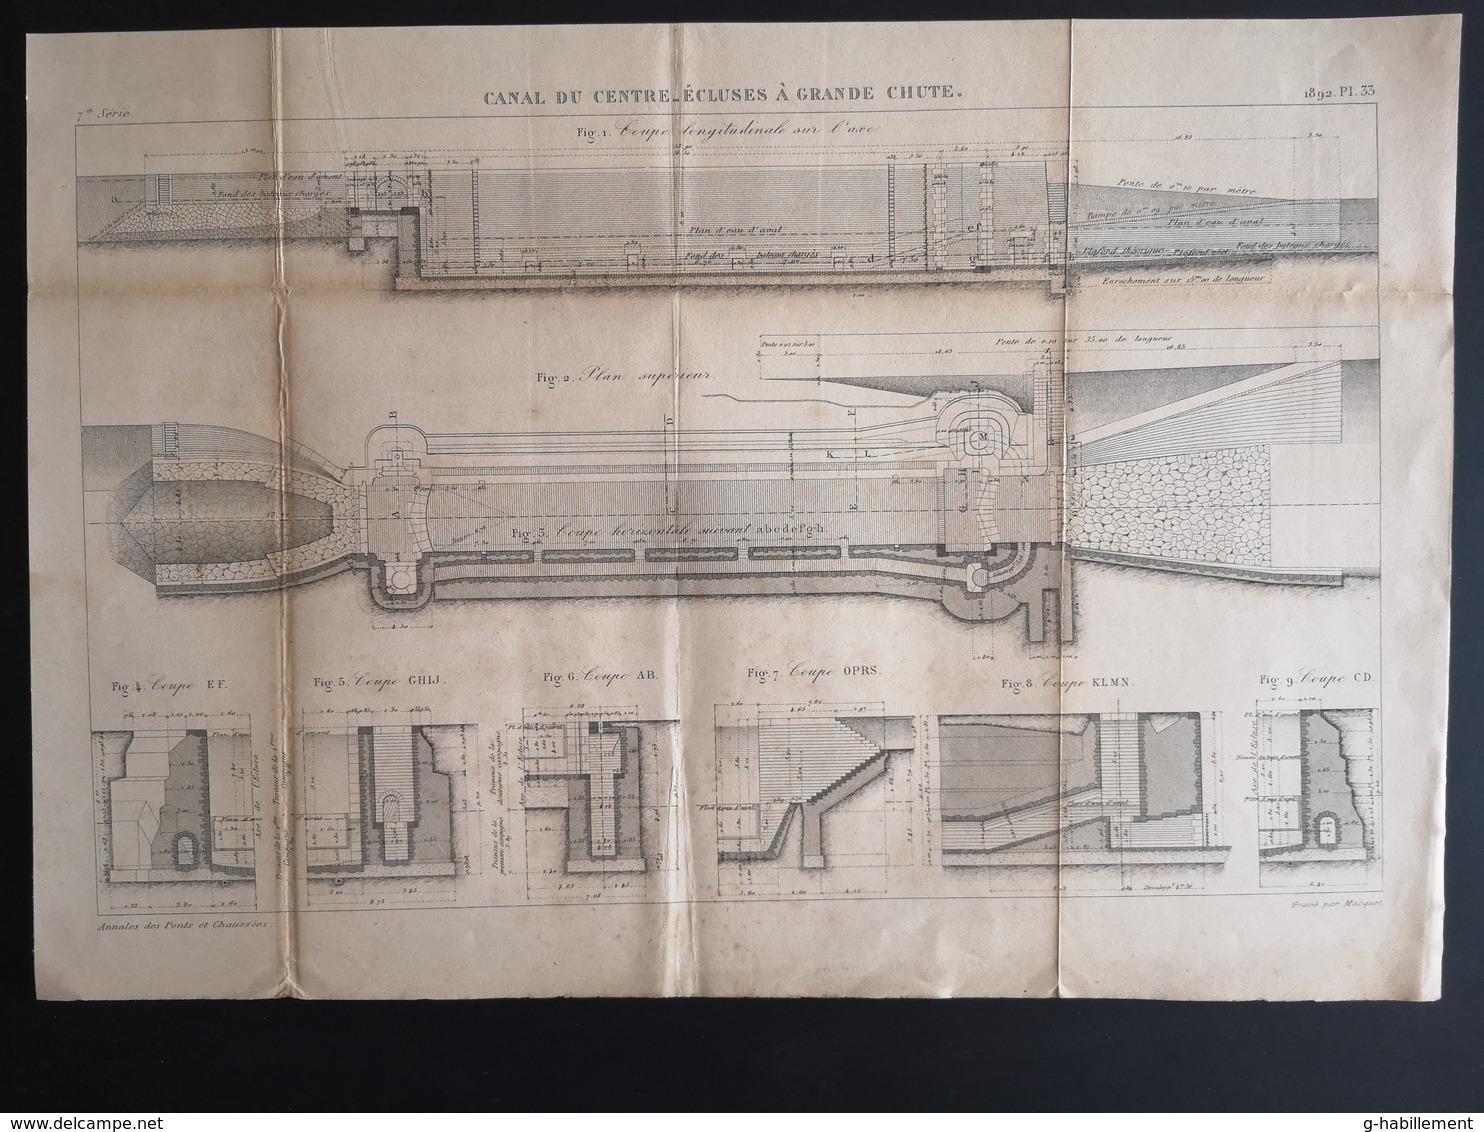 ANNALES PONTS Et CHAUSSEES (Dep 51) - Plan Du Canal Du Centre_Ecluses à Grande Chute - Graveur Macquet - 1892 (CLF38) - Cartes Marines